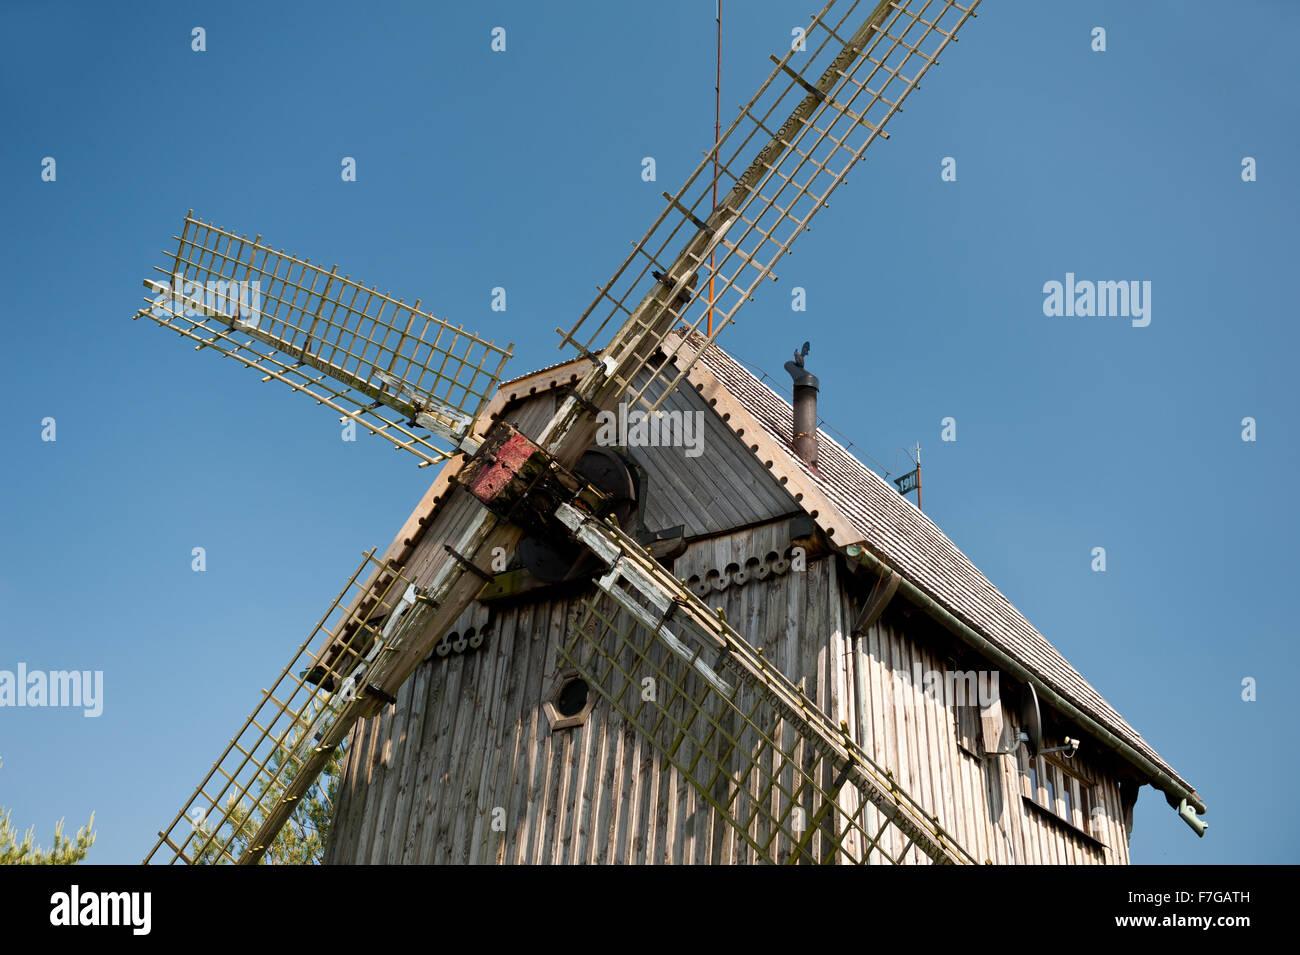 Wooden windmill blades detail, old building in Mecmierz, Poland, Polish name drewniany wiatrak Kozlak, Wiatrak Trzech - Stock Image